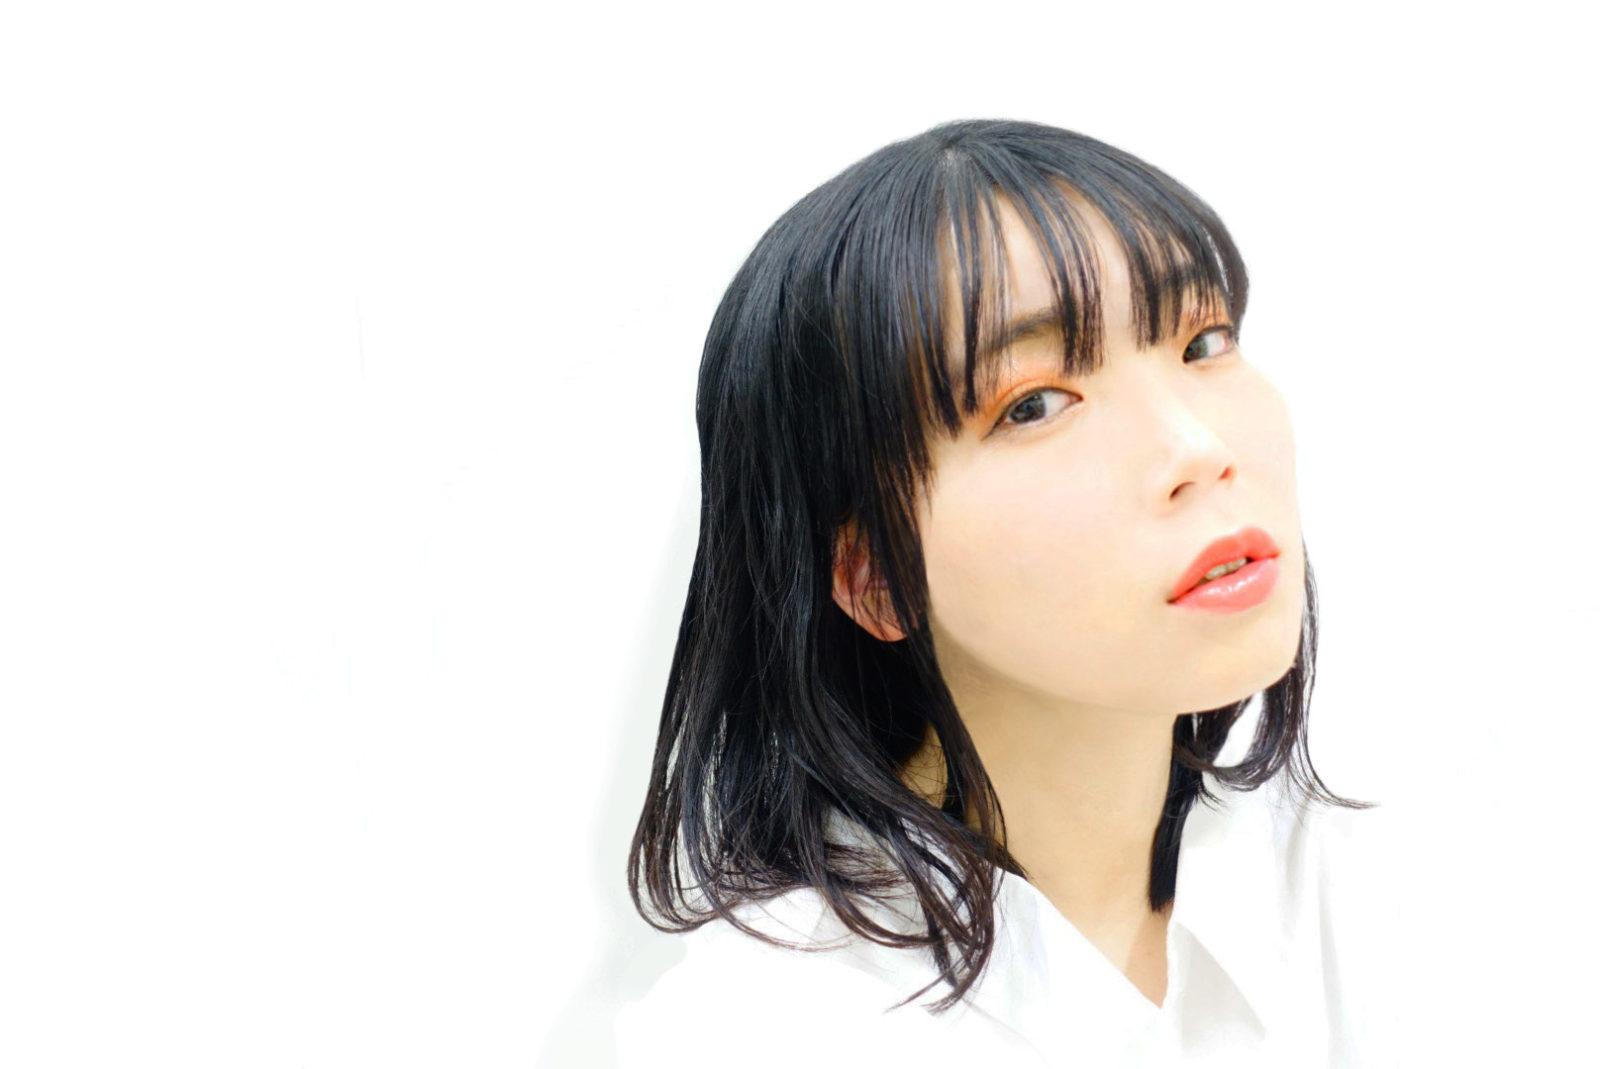 野田愛実「サクラヒラリ」配信リリース&ミュージックビデオ公開サムネイル画像